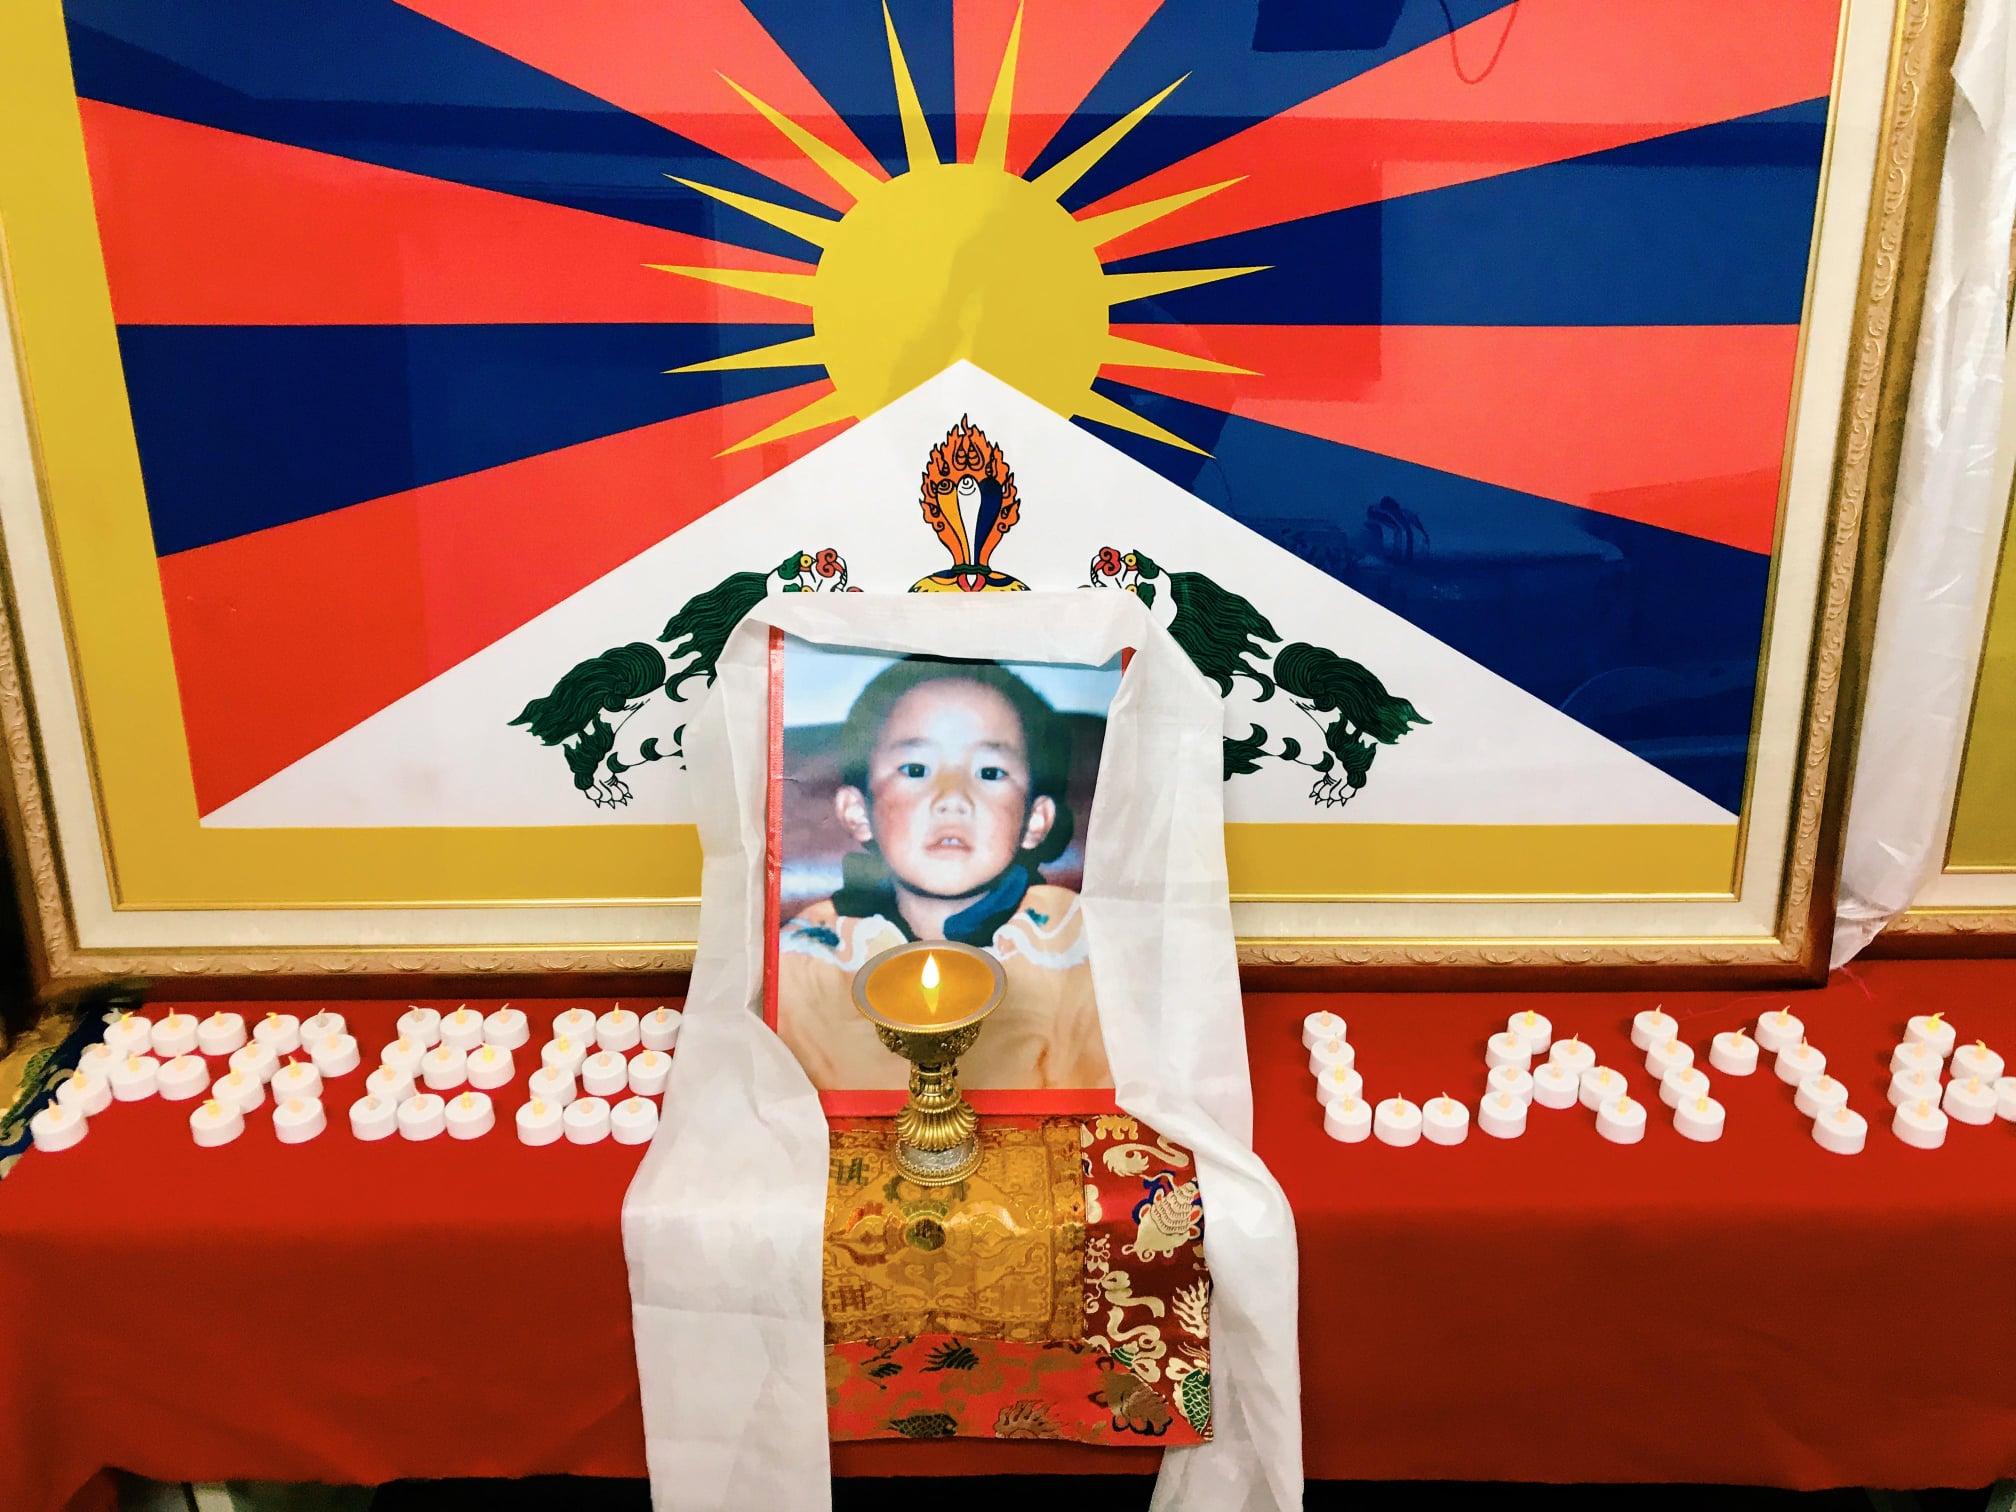 全世界纪念班禅喇嘛根敦确吉尼玛遭中共劫持26周年